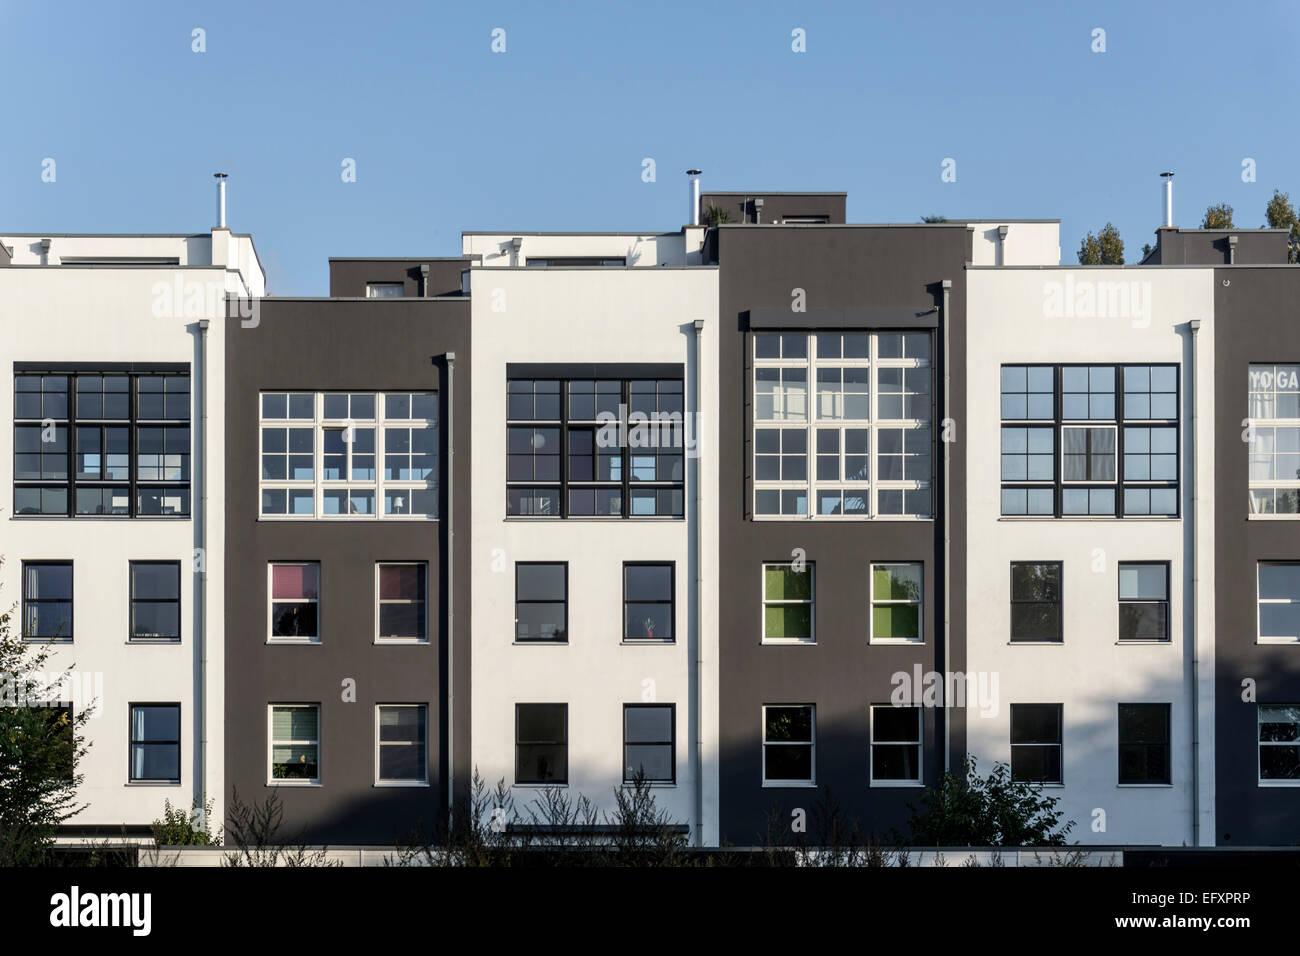 Moderne Architektur, Immobilien, Stadt Haus, Rummelsburger Bucht ...